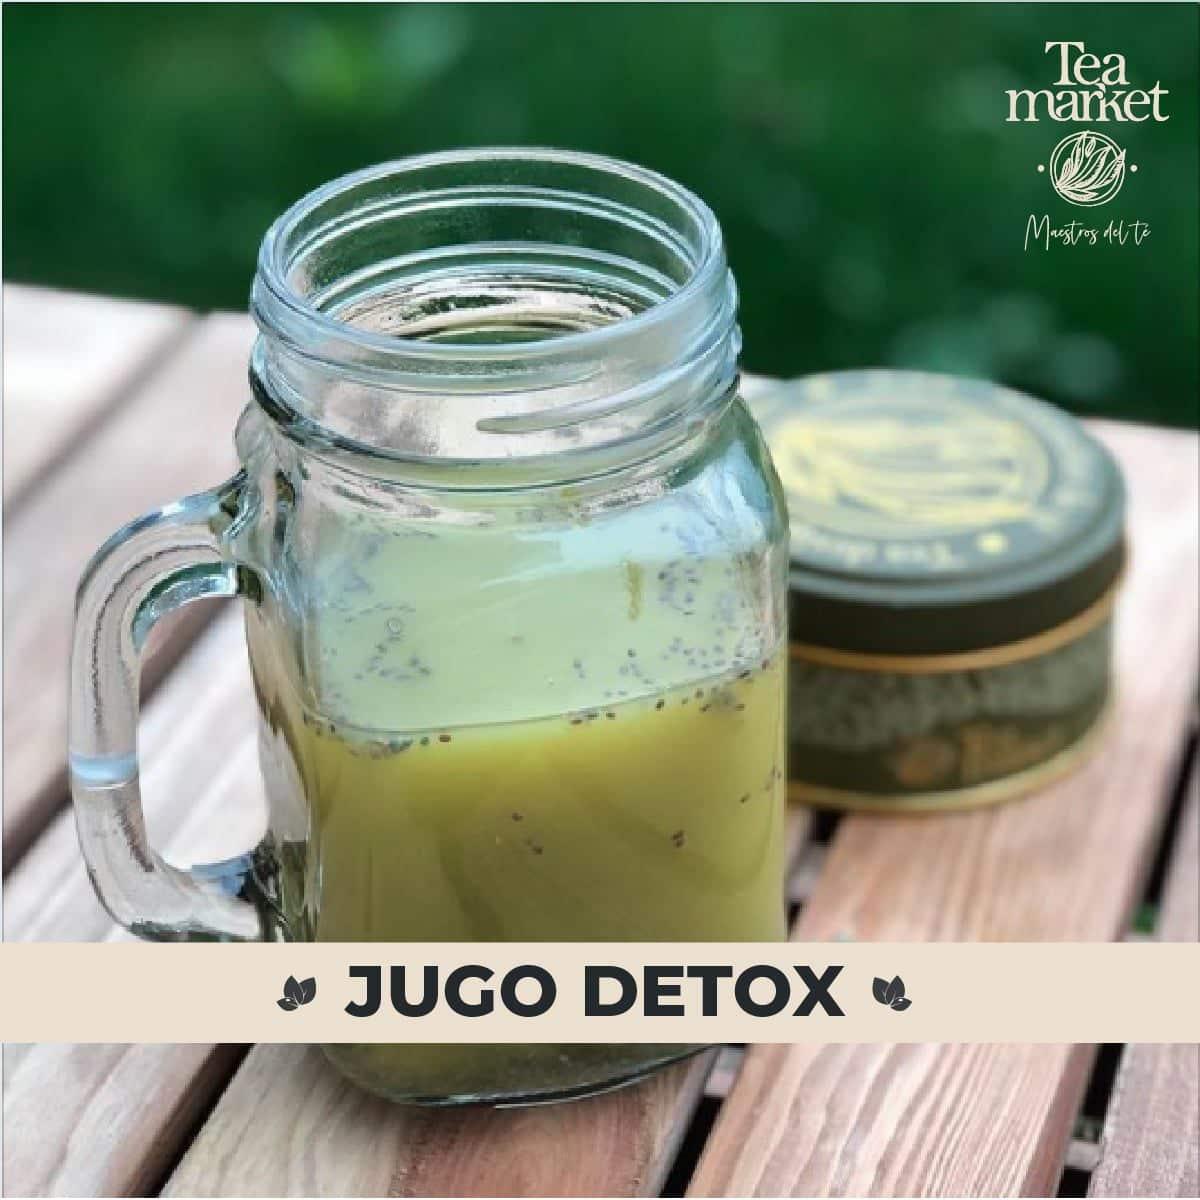 Receta - Jugo detox con naranja y té matcha - Tea Market